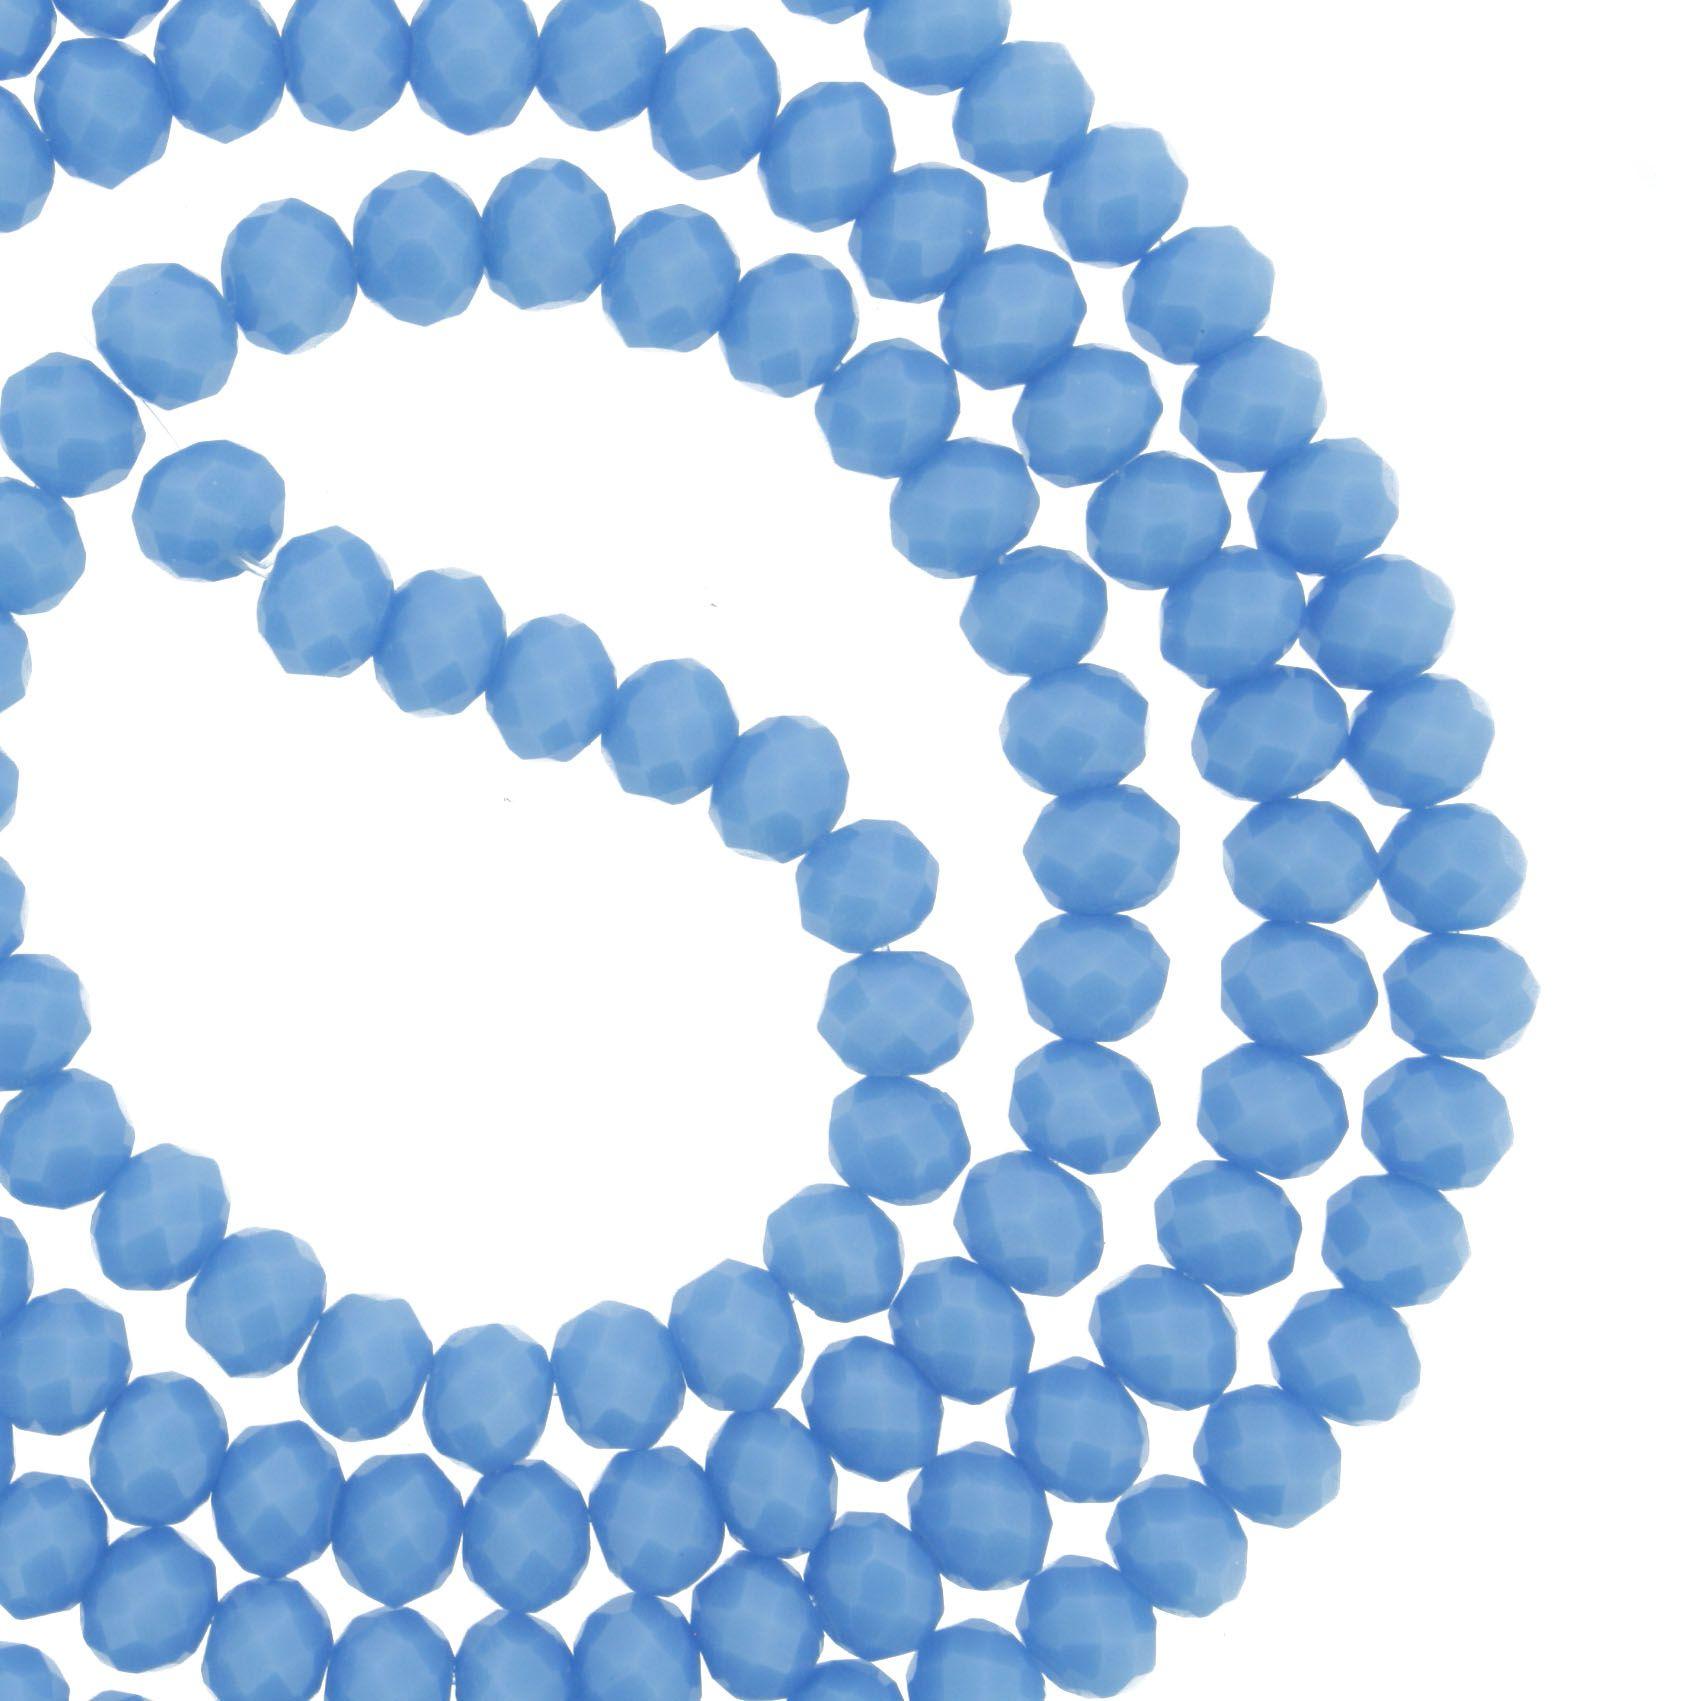 Fio de Cristal - Flat® - Azul Claro - 4mm  - Stéphanie Bijoux® - Peças para Bijuterias e Artesanato